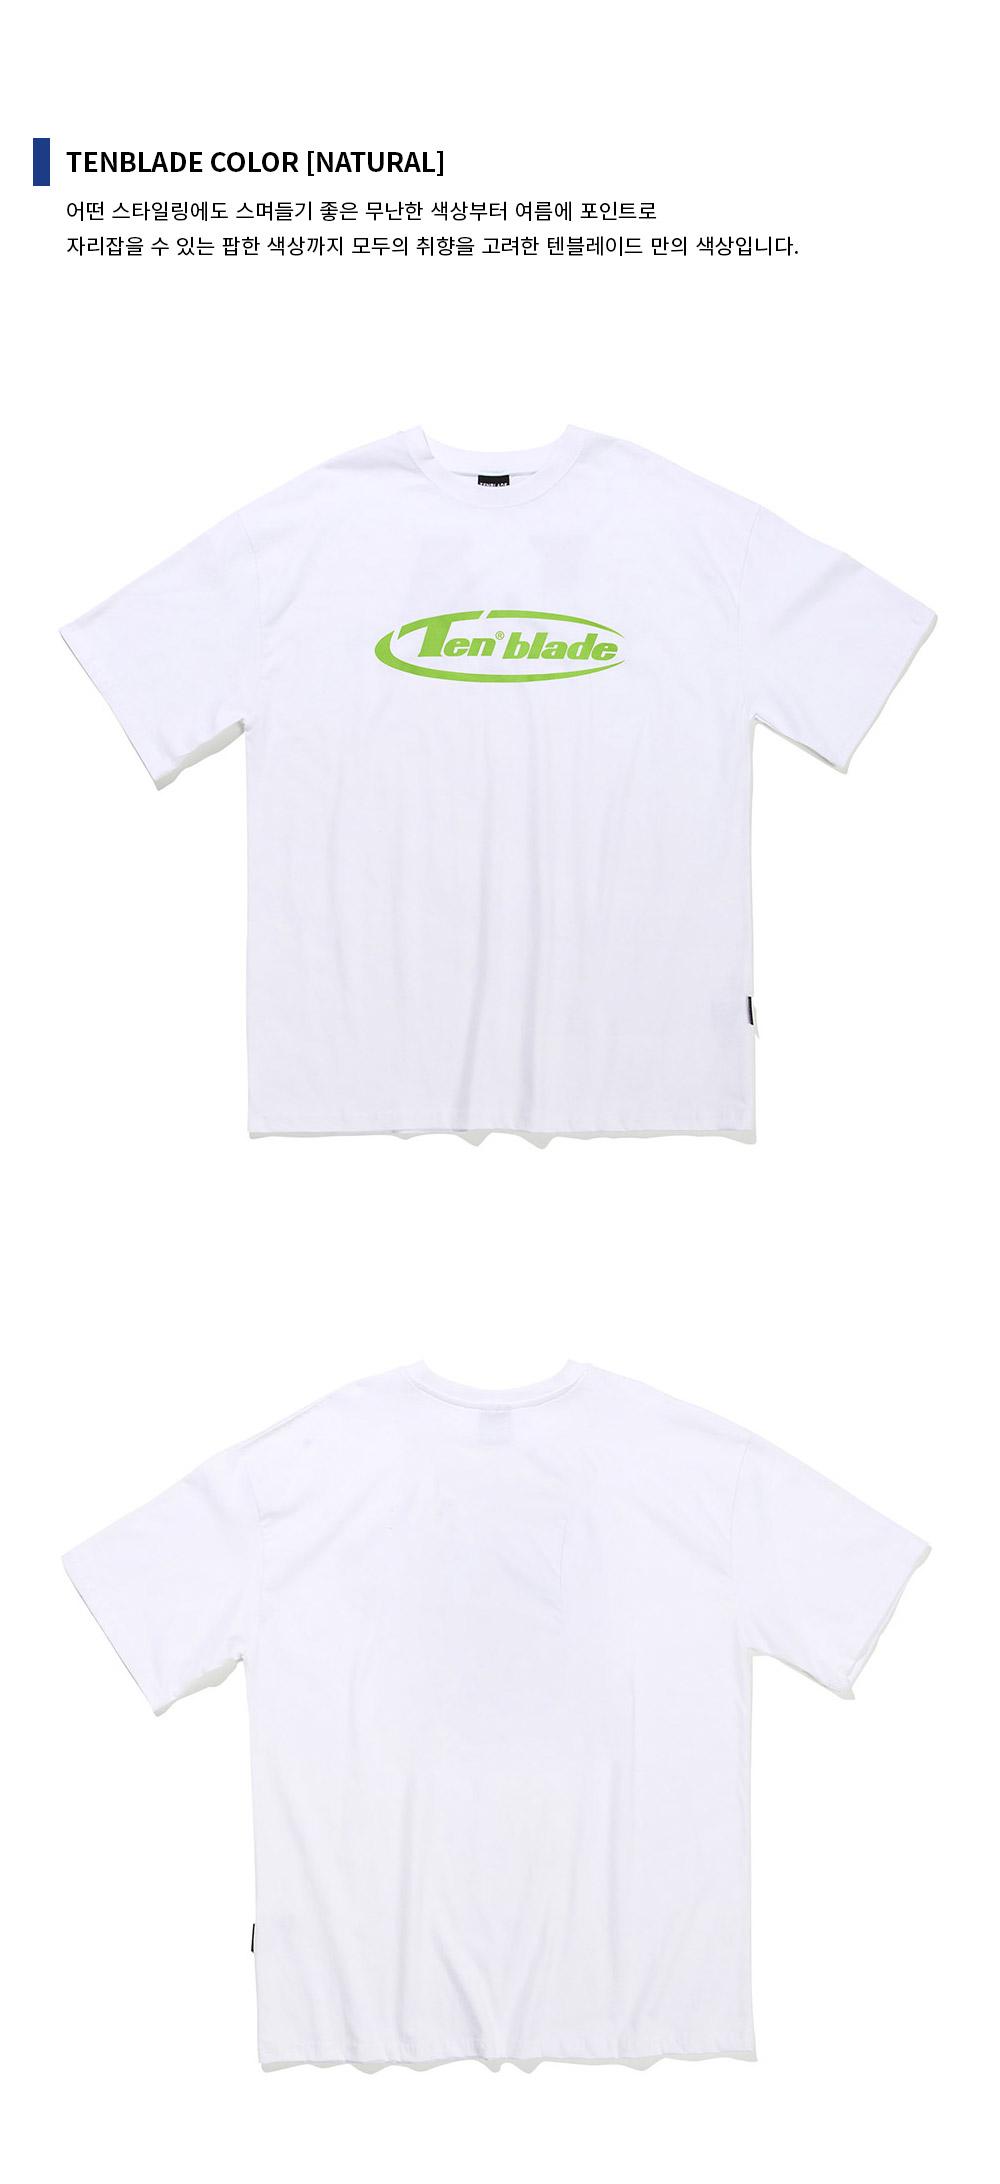 tbj139ss-white-green_04.jpg